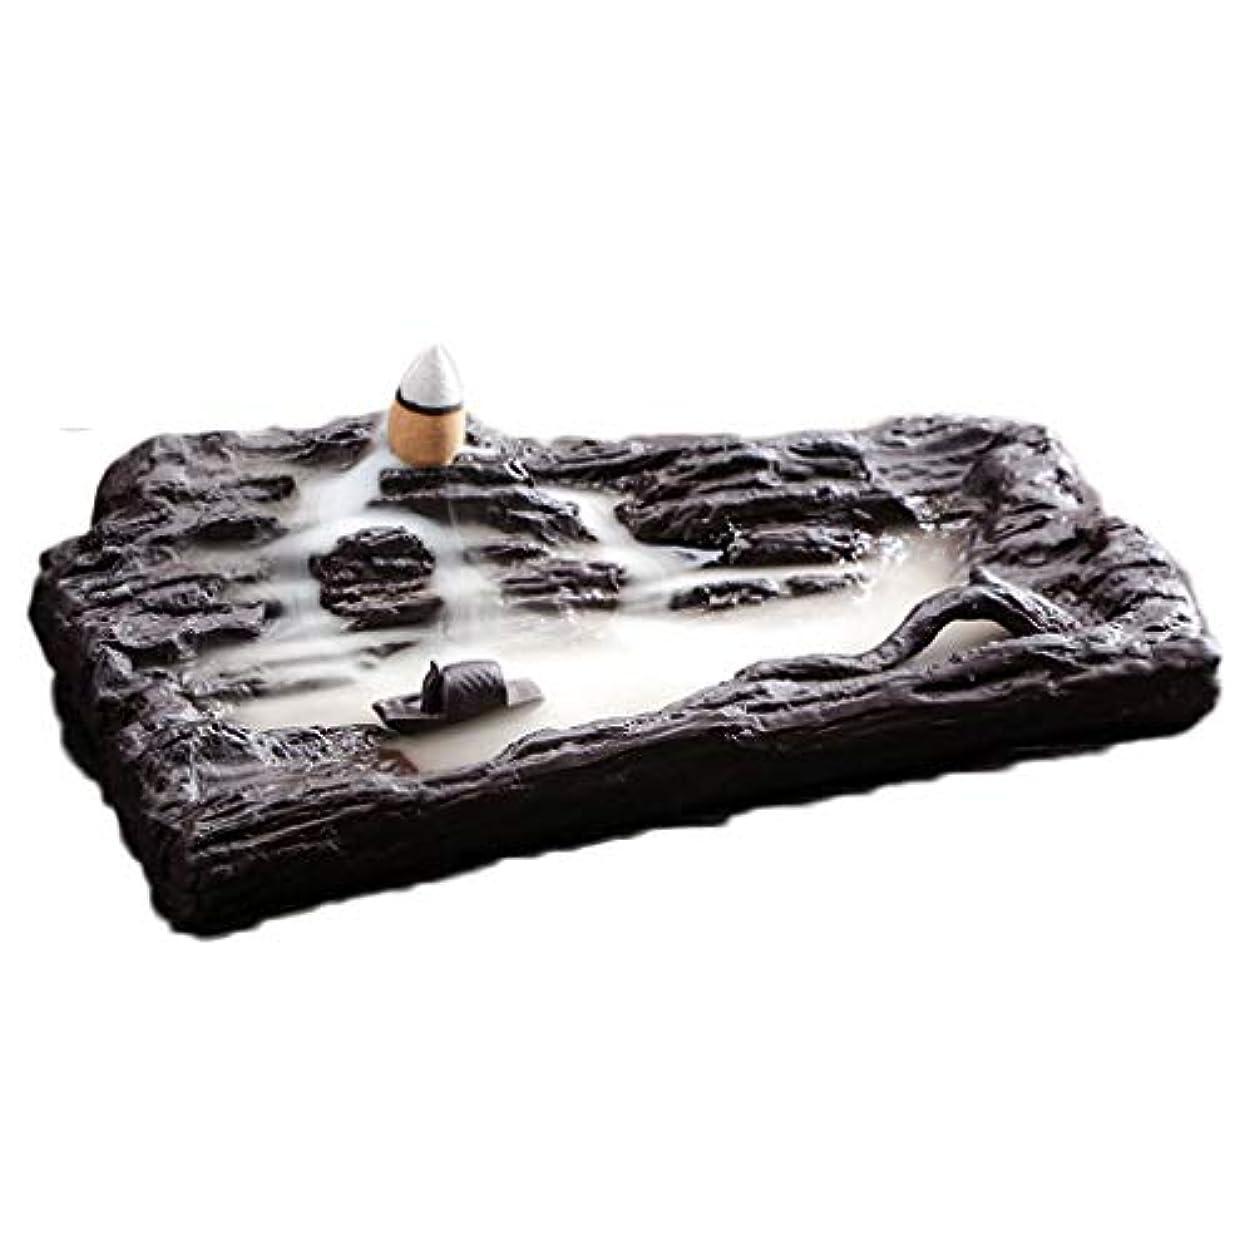 速い養う傷跡芳香器?アロマバーナー レトロな懐かしい香炉紫砂香バーナー屋内茶道香バーナーアロマセラピー炉 アロマバーナー (Color : Purple sand)